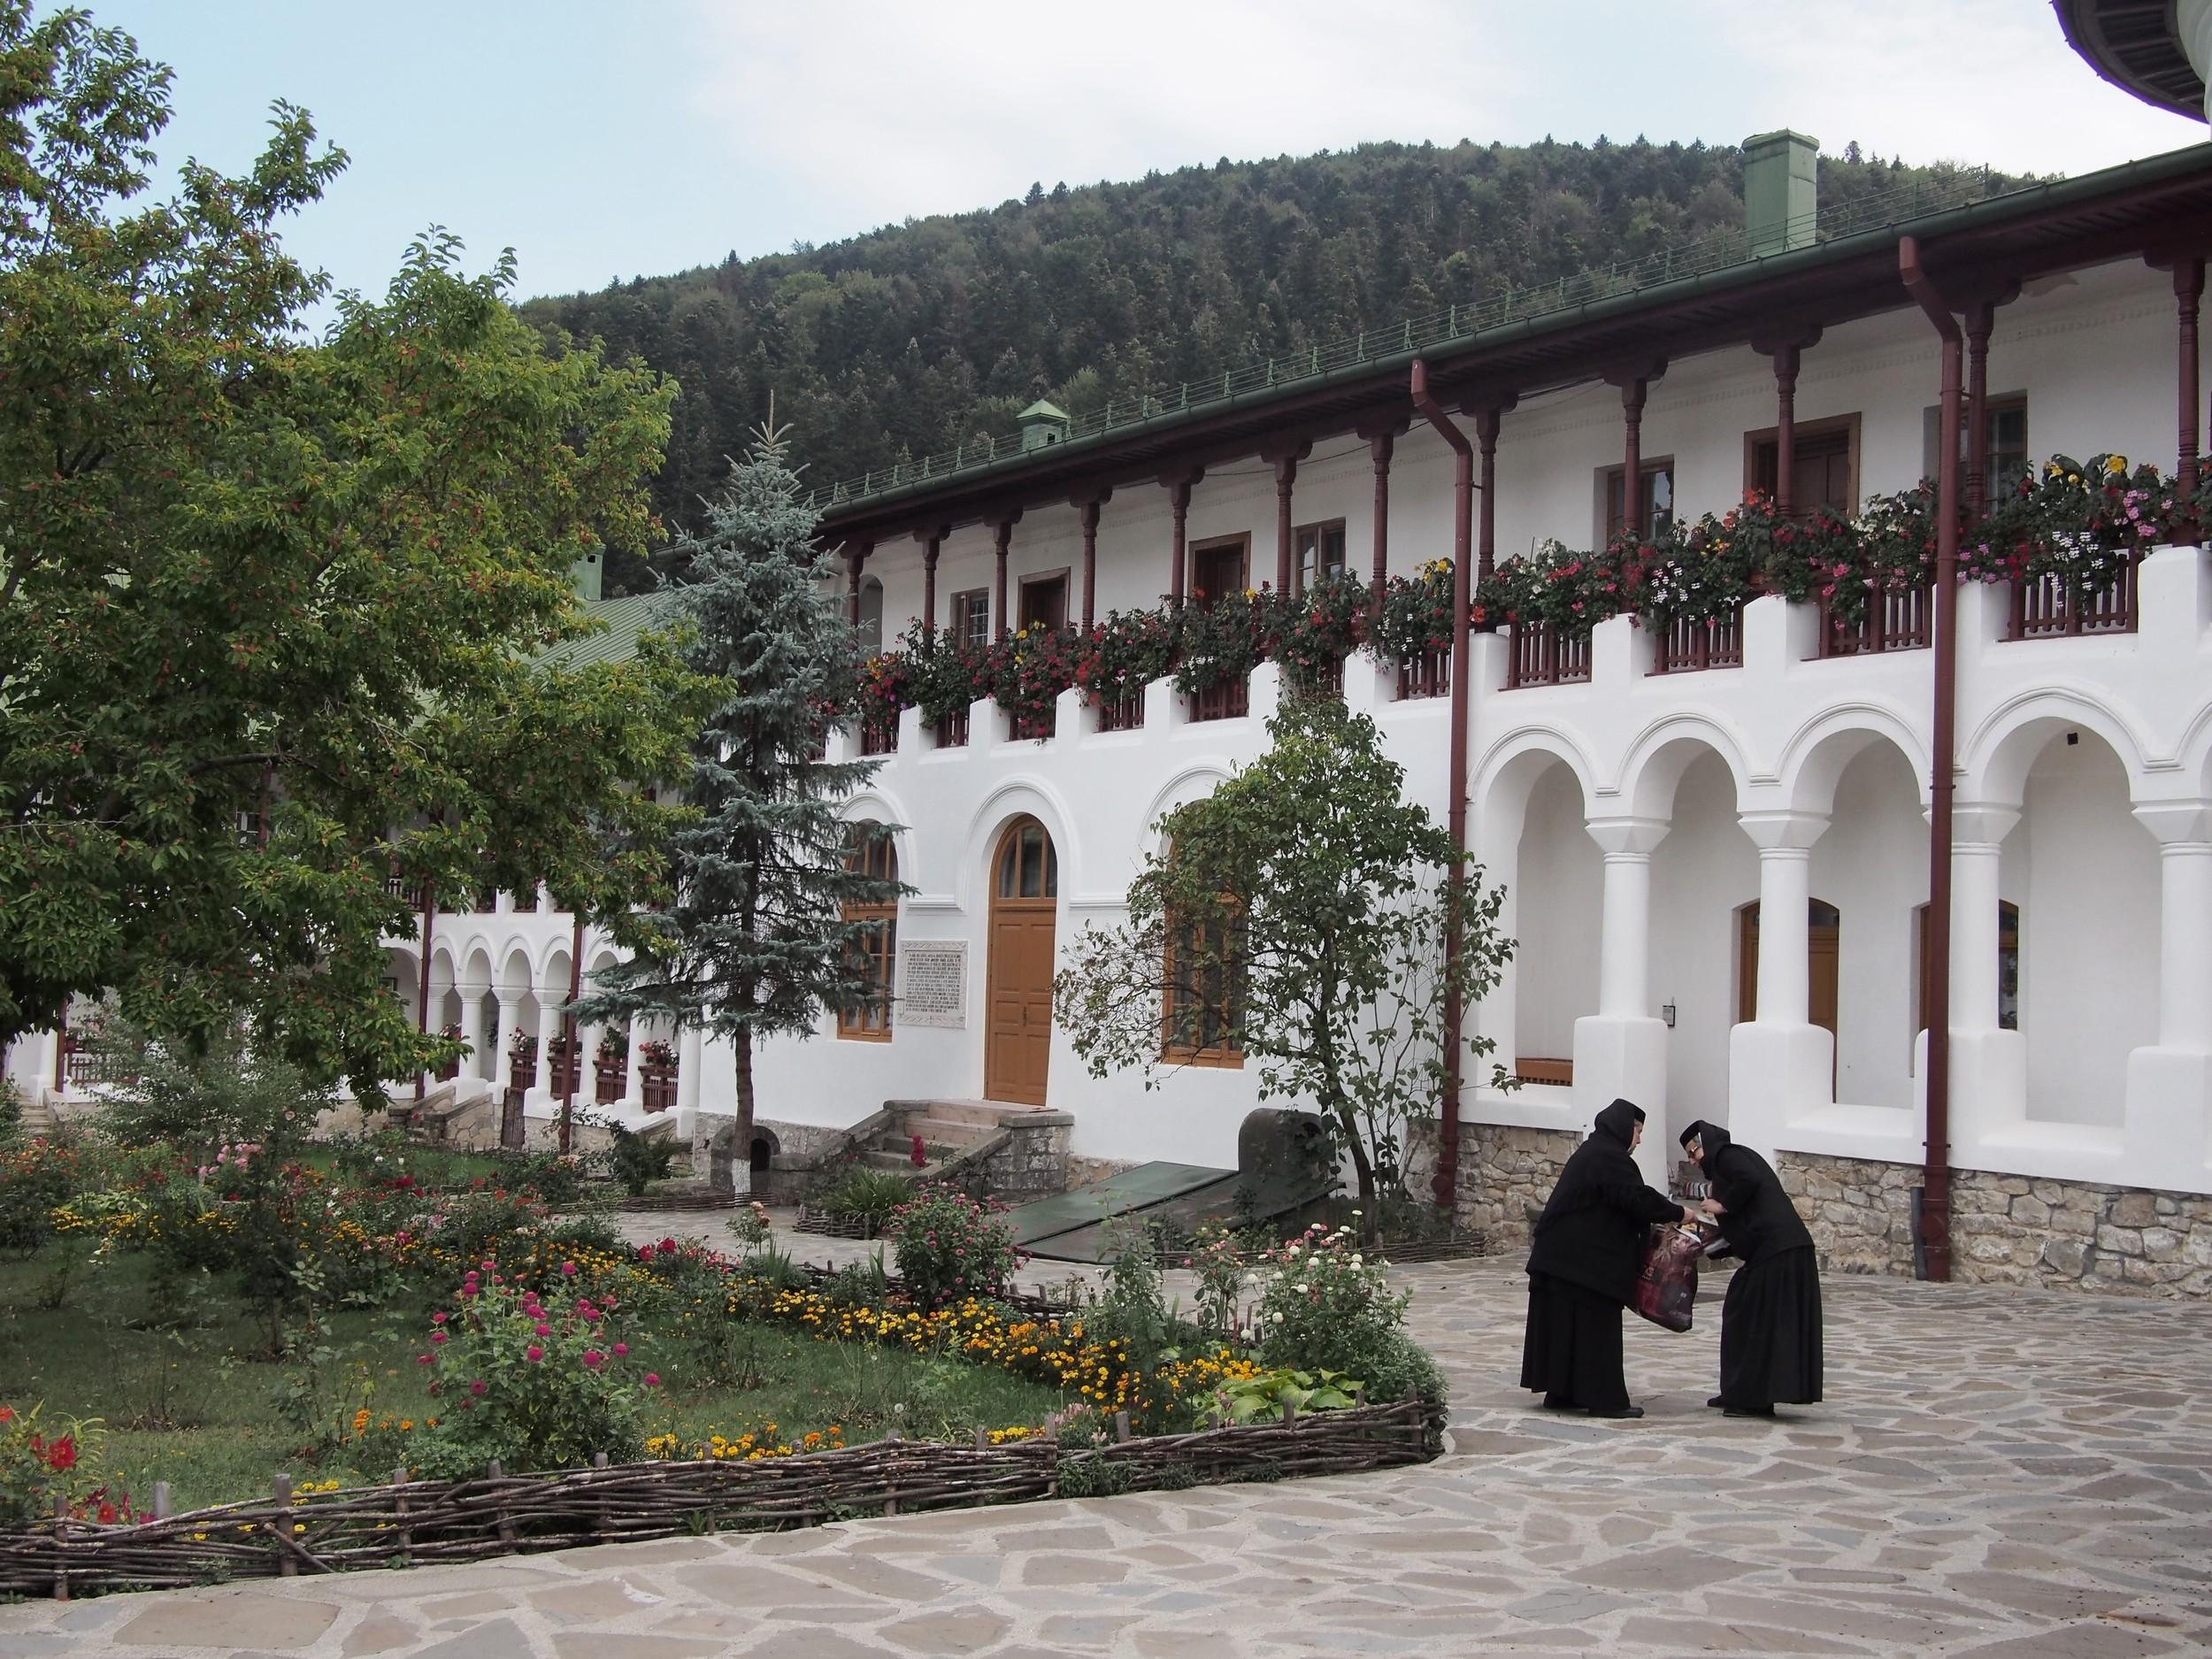 Agapia Convent